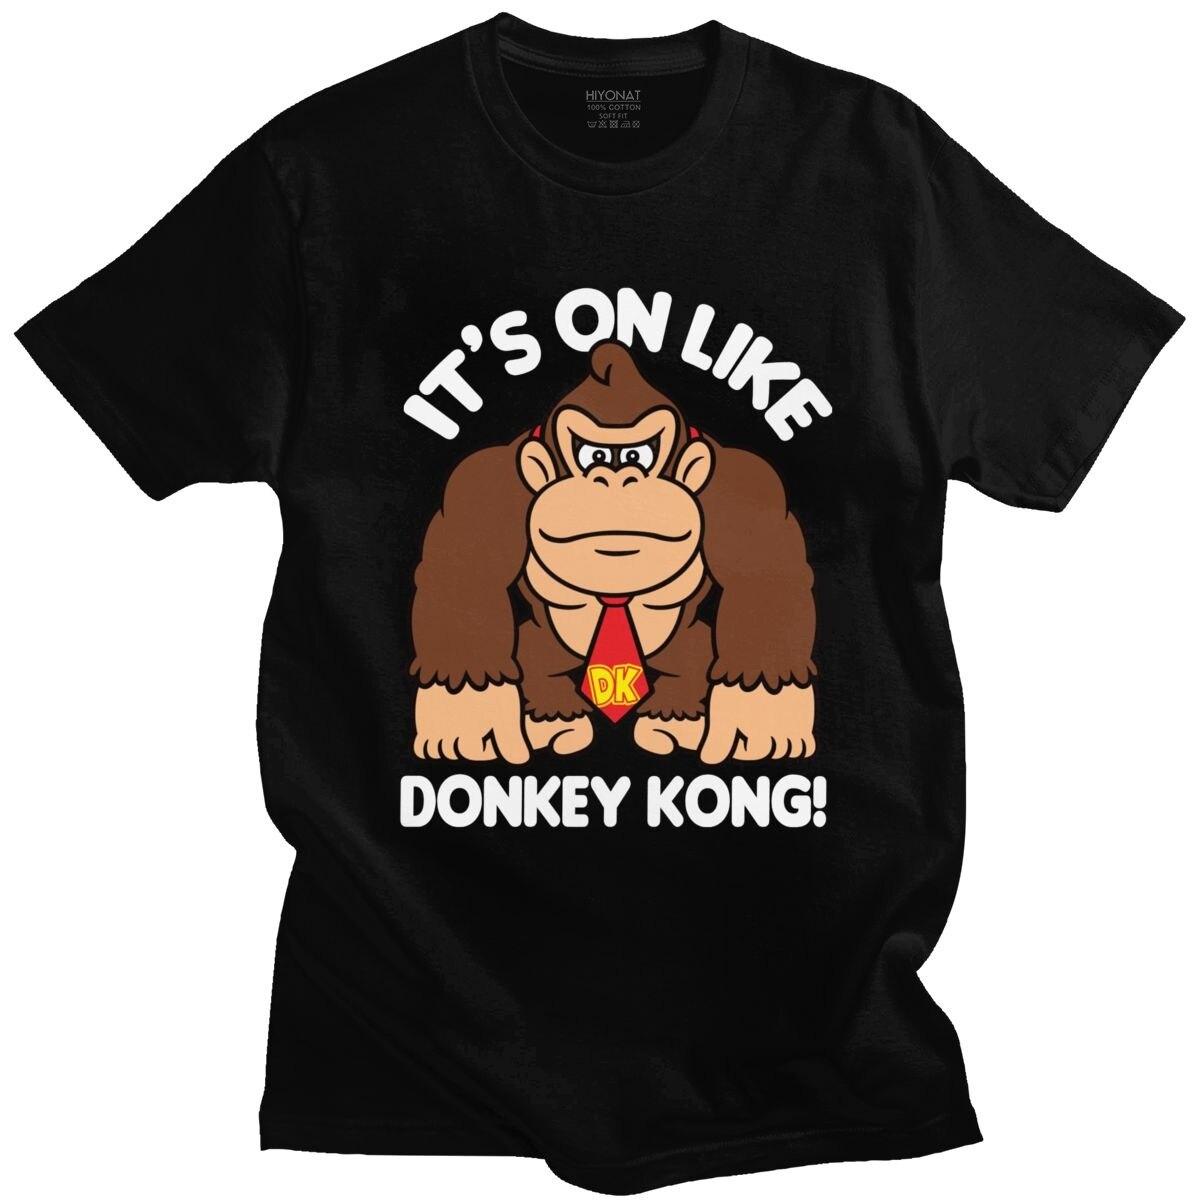 Engraçado Homens Camisetas é Em Donkey Kong T-shirt Gola de Manga Curta Camiseta De Algodão Macio Verão Gráfico Camiseta Gorila Tshirt